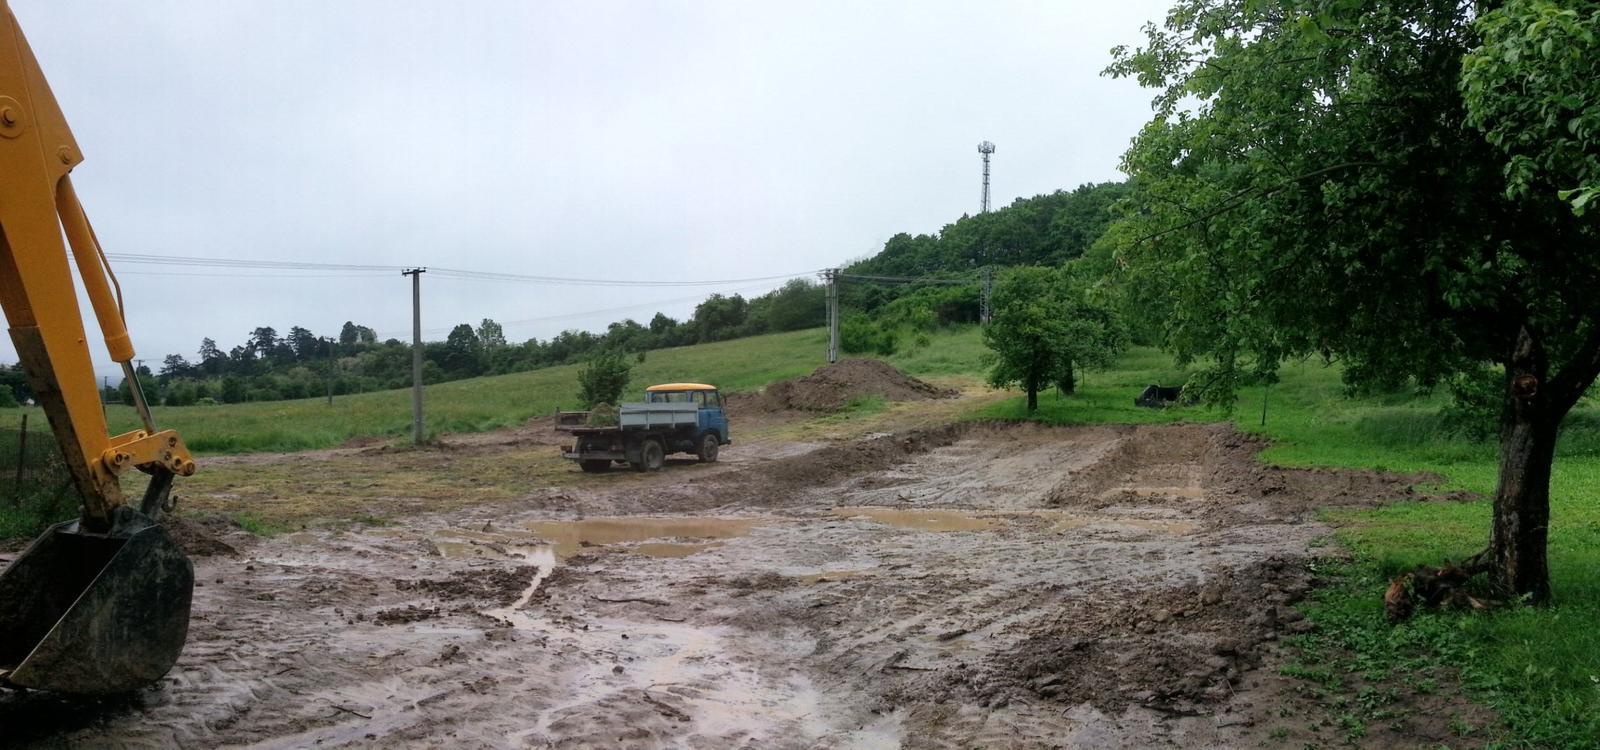 Pasívny dom svojpomocne - Jún 2013. Odtialto zmizne vyse 900 m3 zeminy.Tu sa uz oplatilo investovat do vlastnej stavebnej techniky.